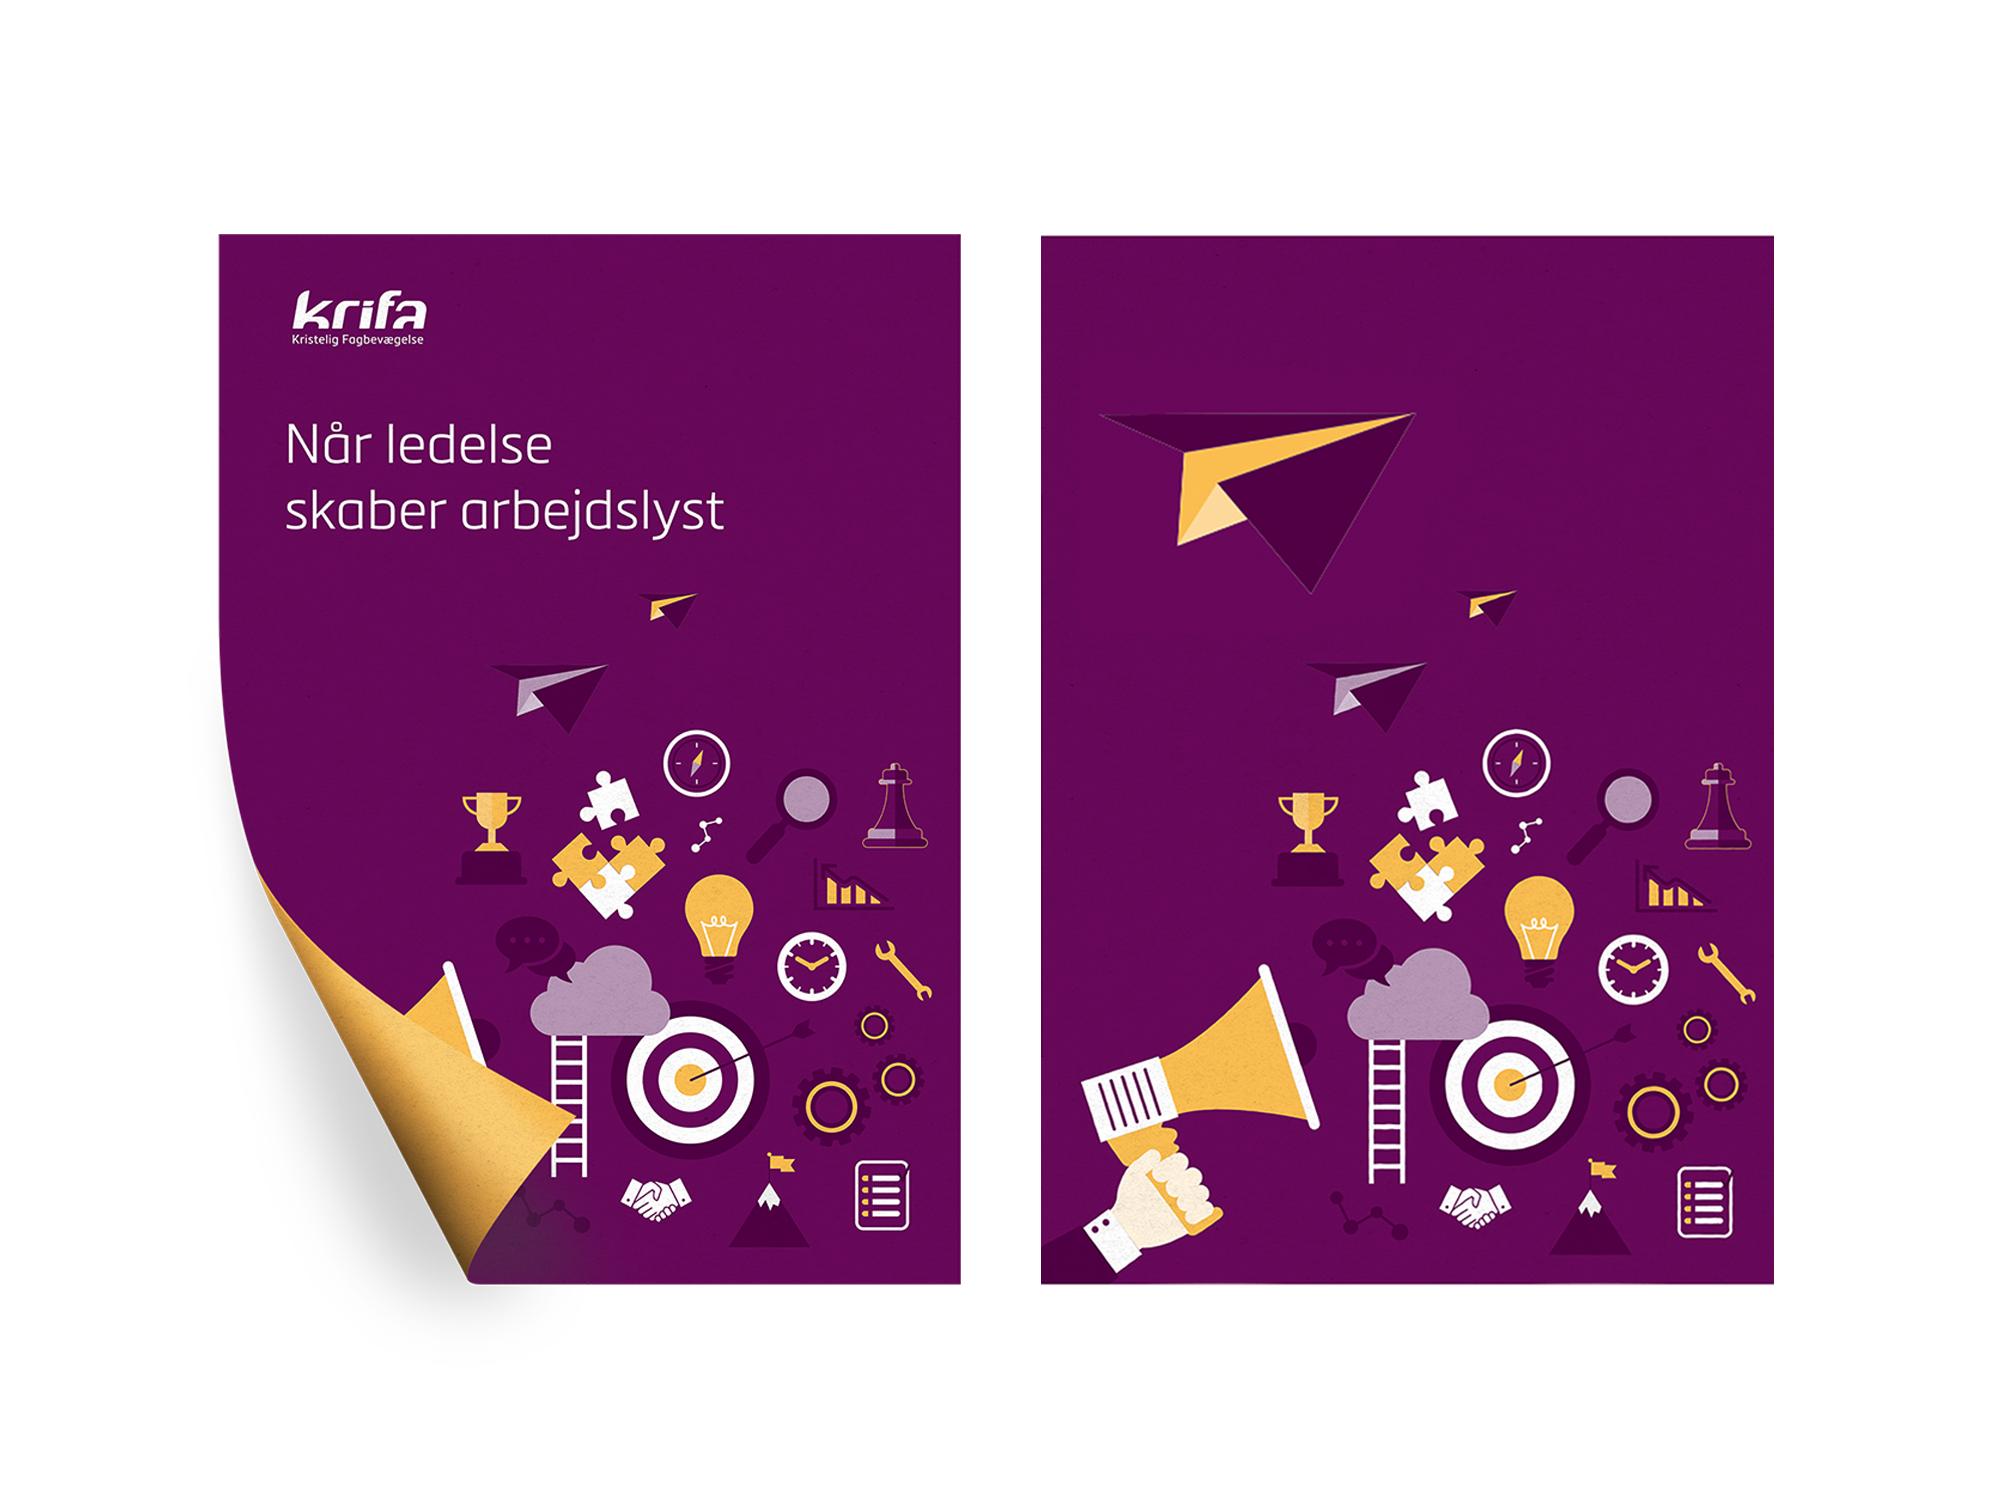 Krifa_RAPPORT_illustration2_ledelse_arbejdslyst_Når_ledelse_skaber_arbejdslyst